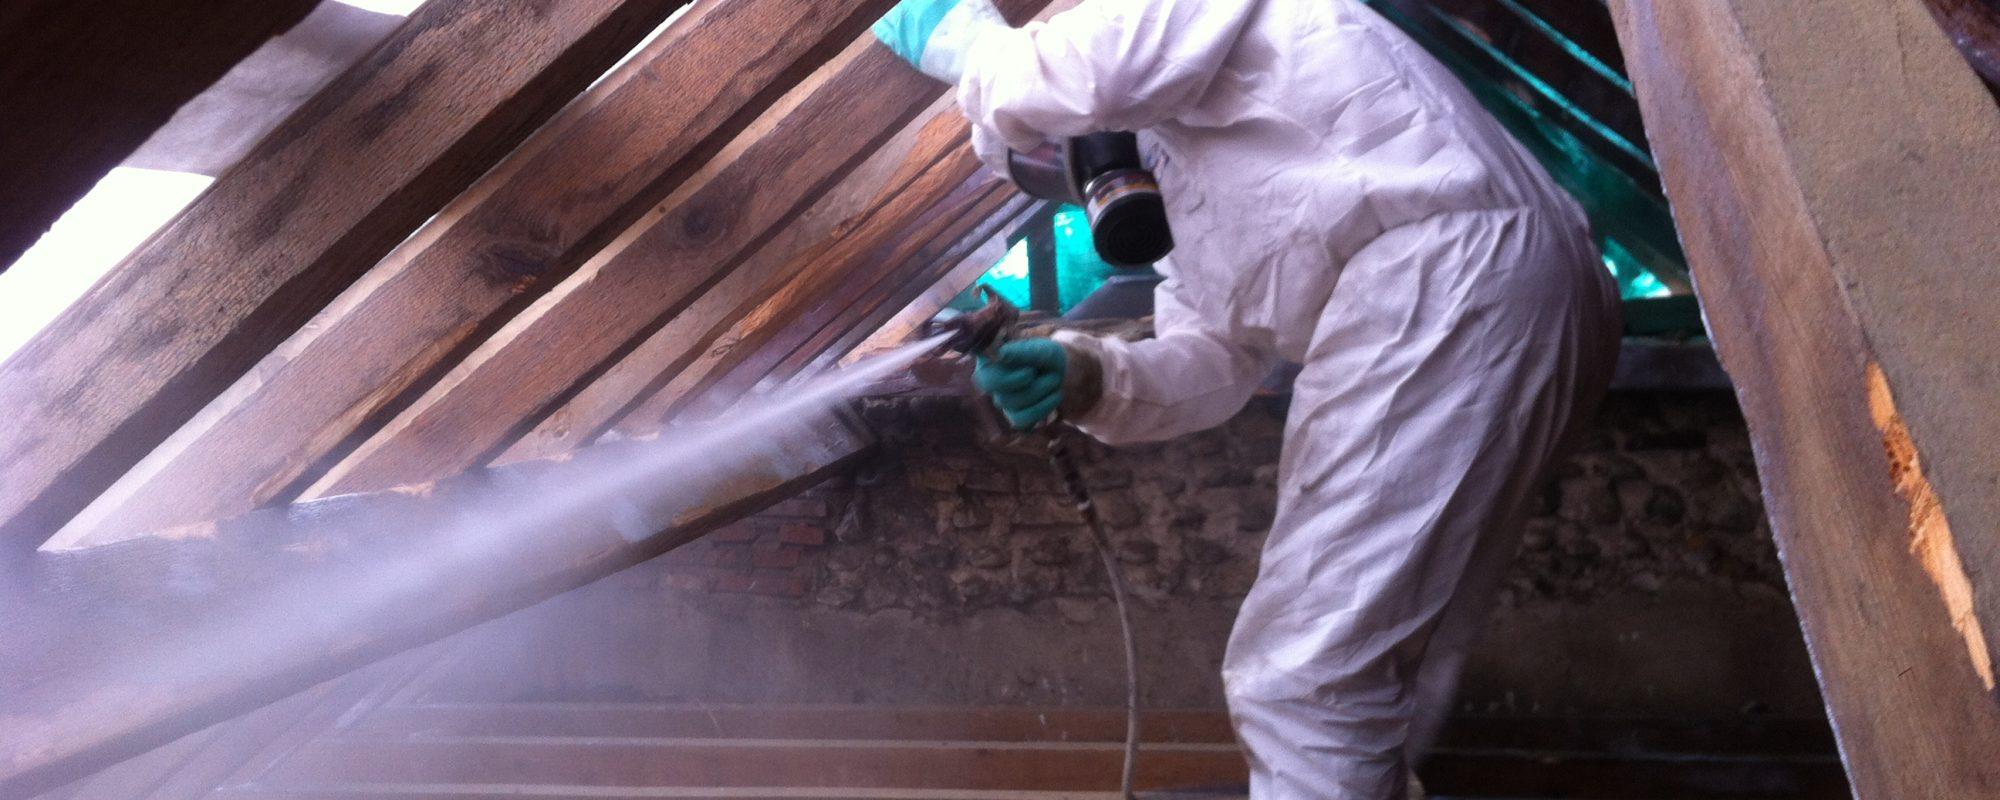 Photographie - Traitement de charpente - Handy Germain - Traitement Termites - Pays Basque - Landes